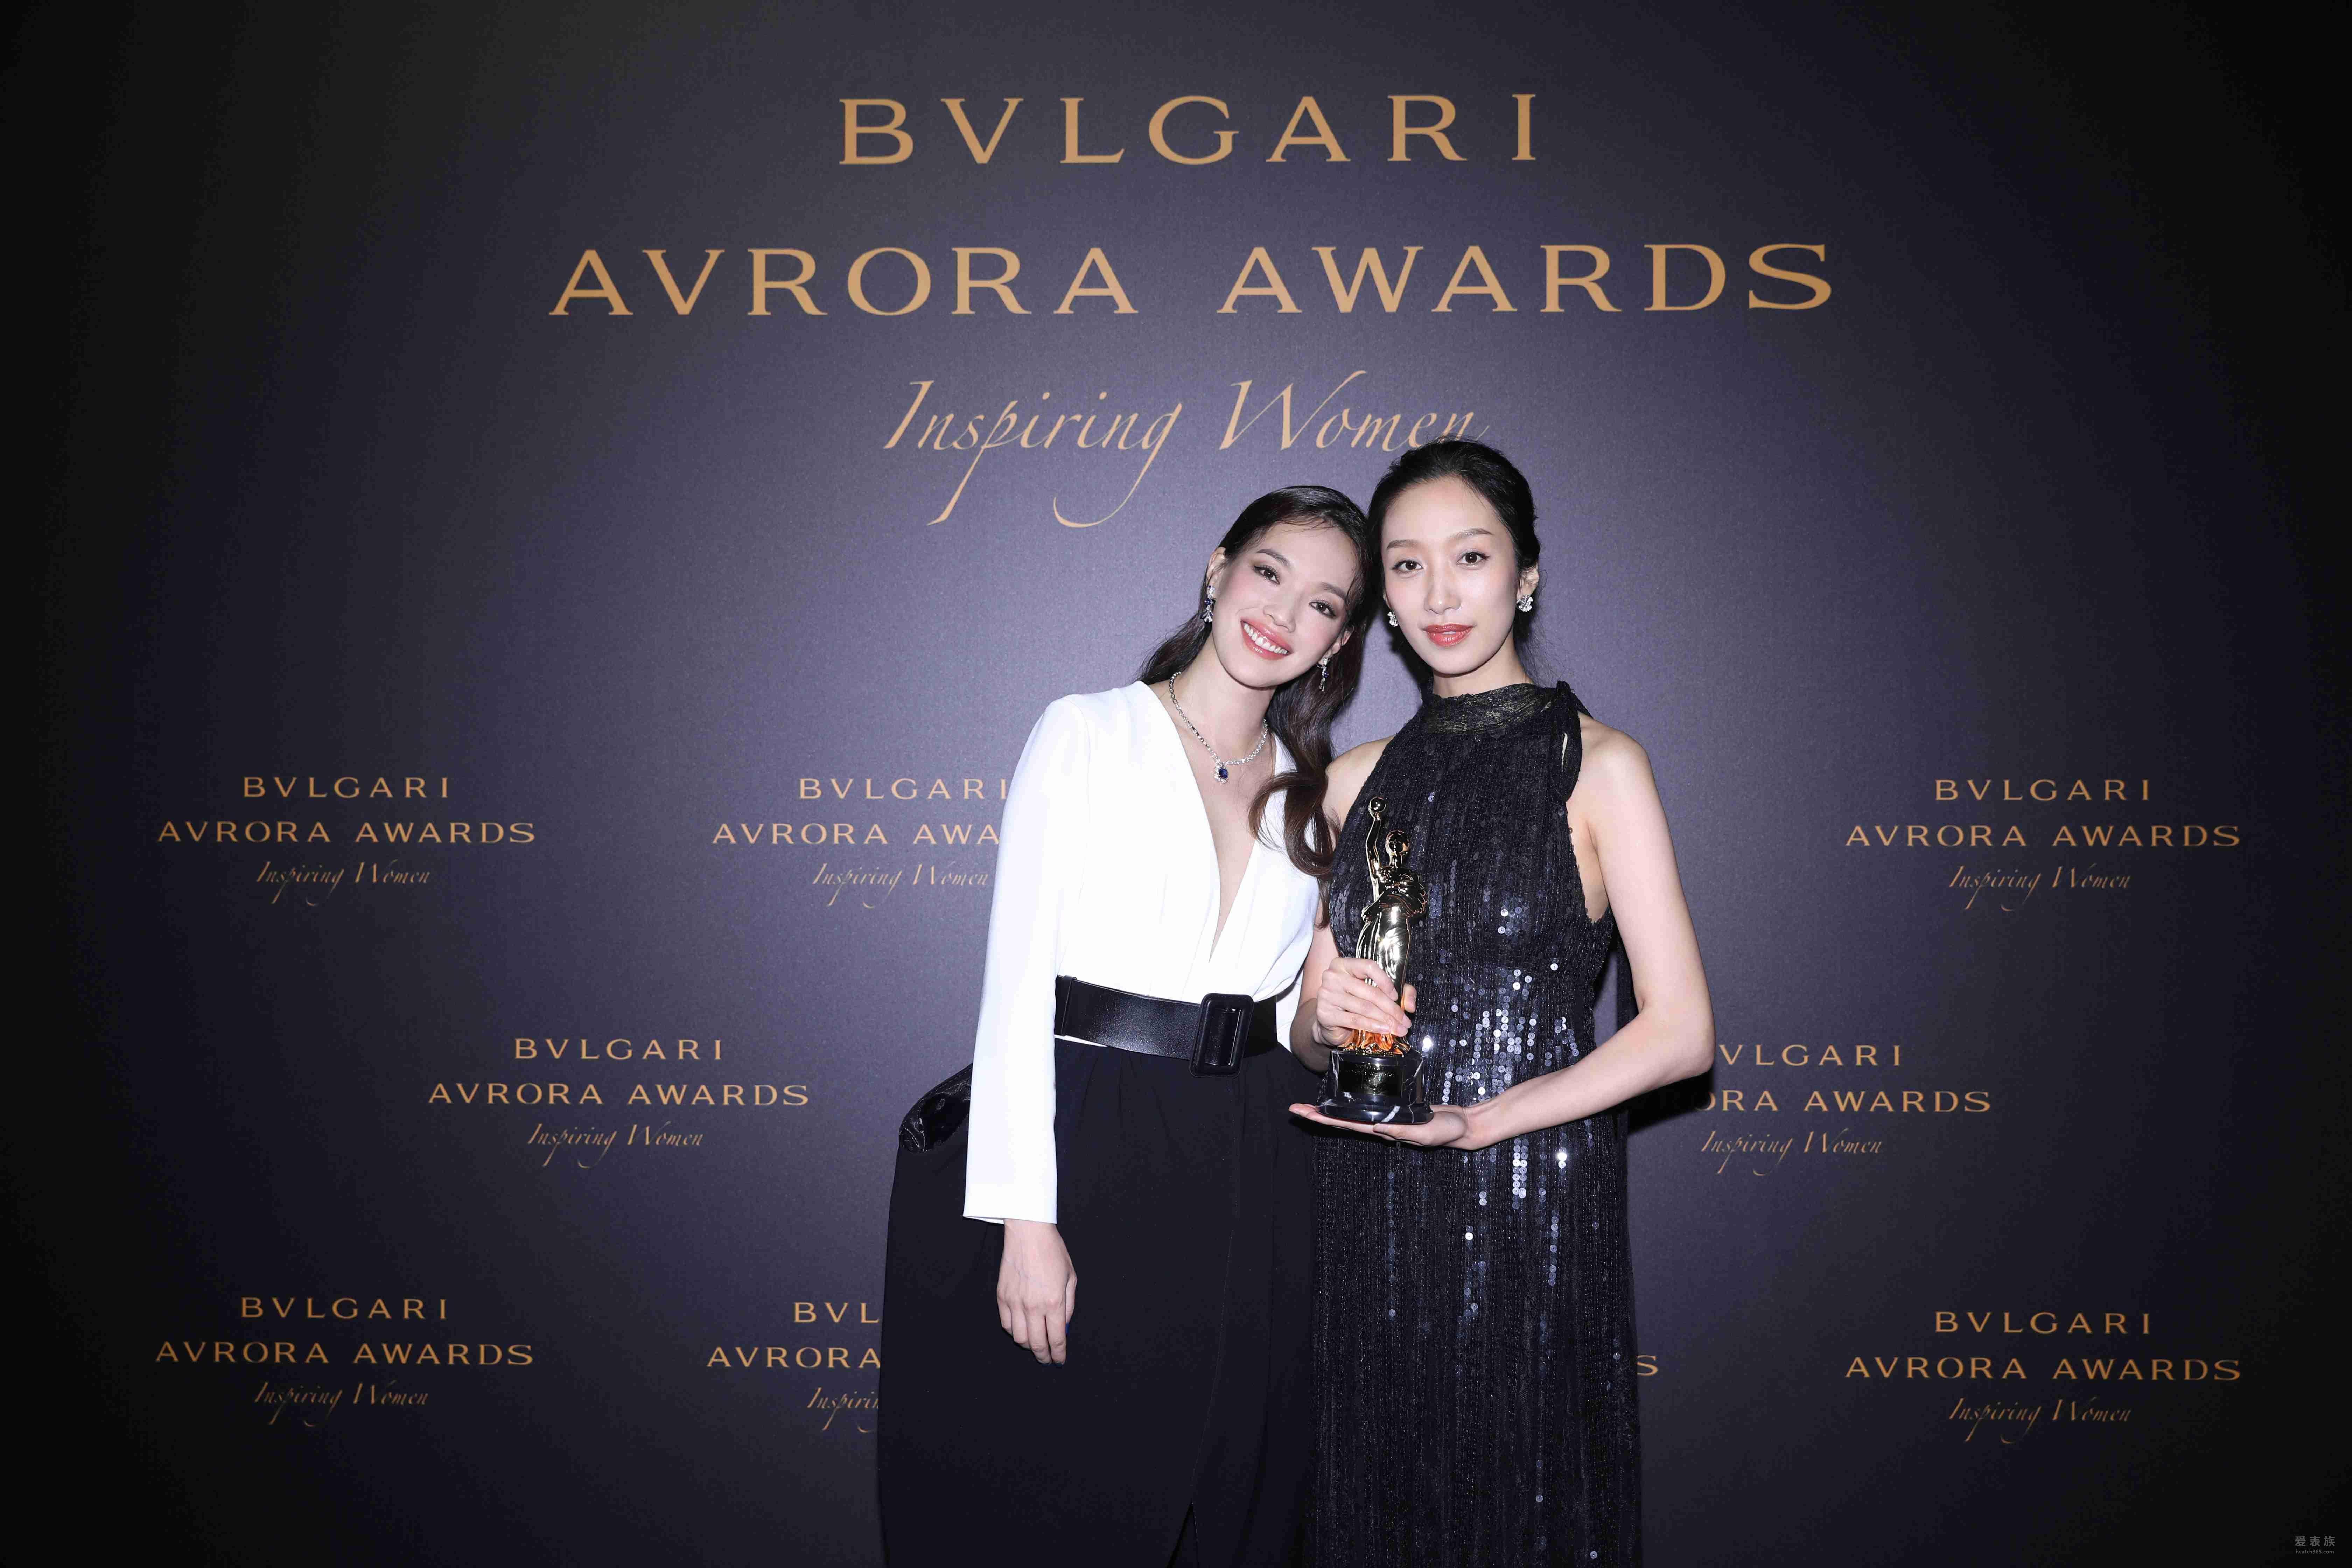 """宝格丽""""闪耀之辉""""盛典璀璨揭幕 表彰当代中国女性的创新力量"""